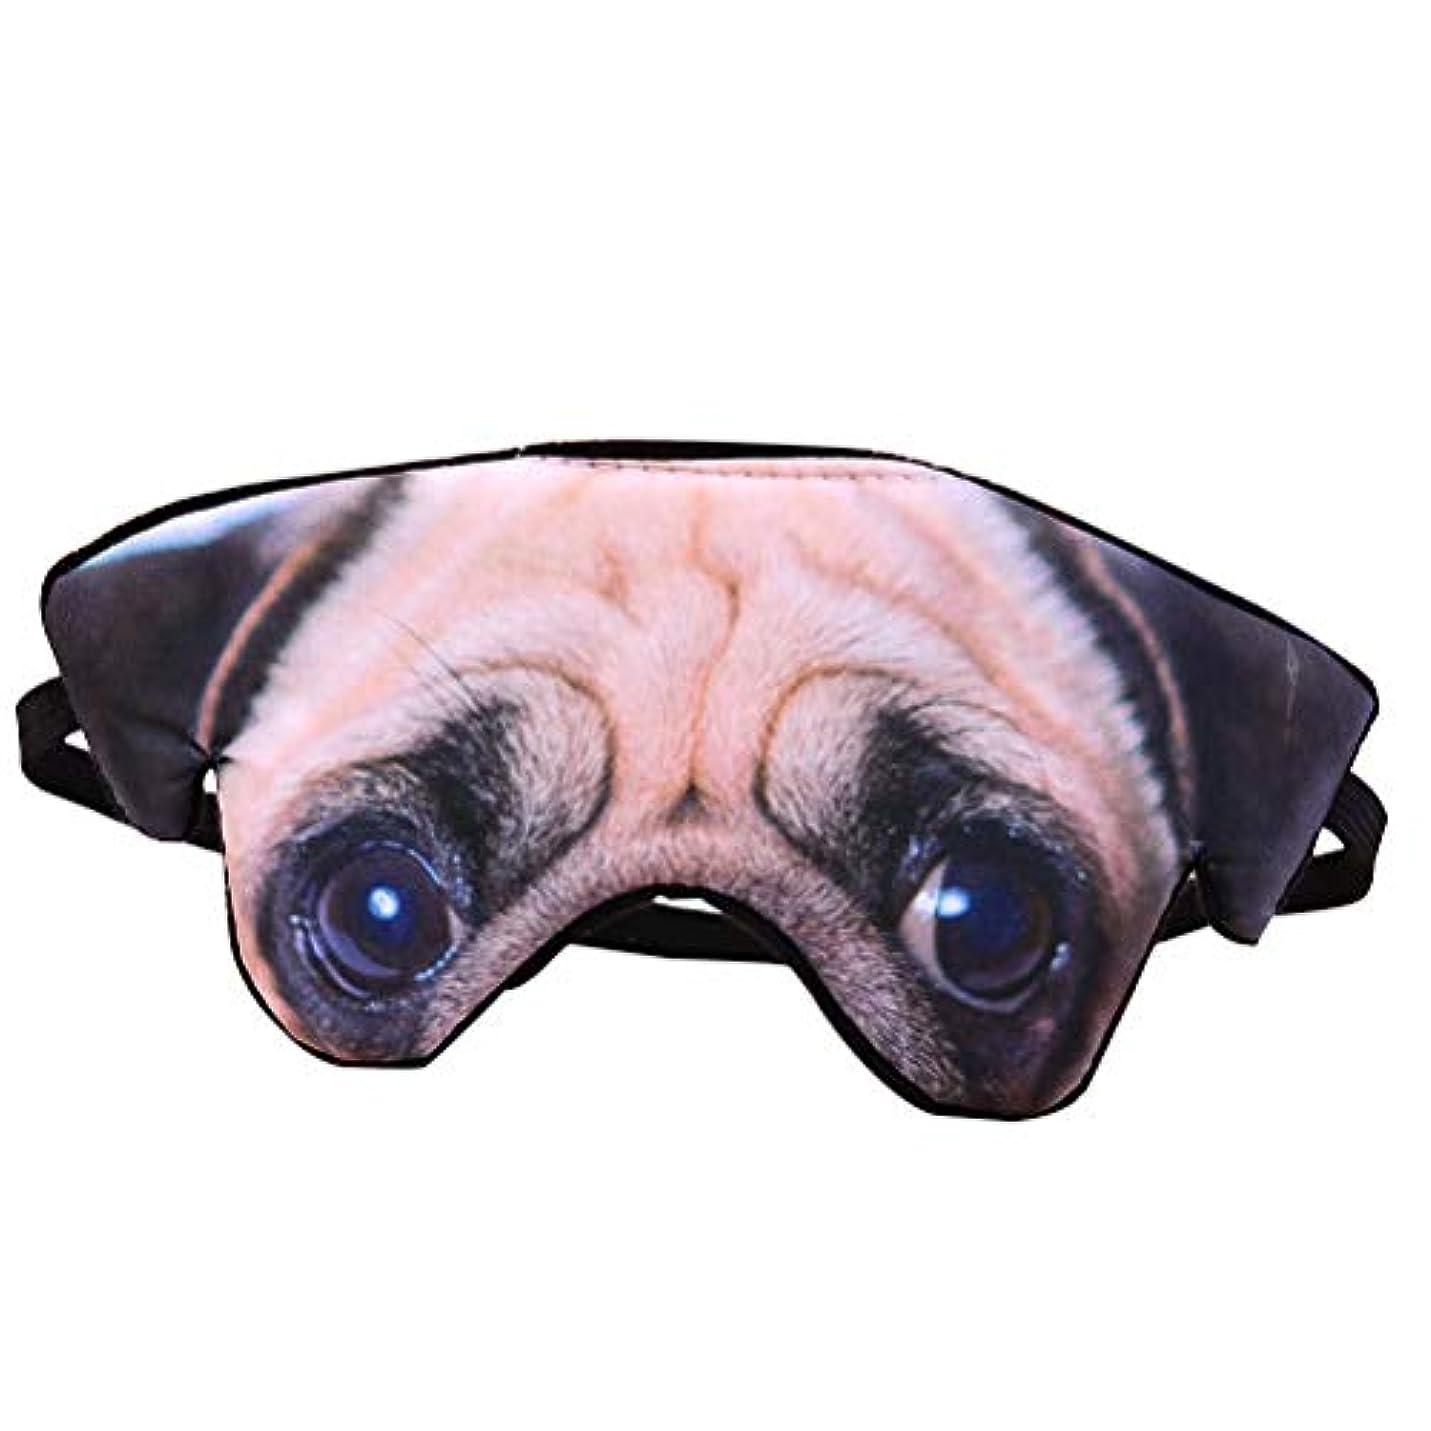 同情民主党小川SUPVOX かわいい睡眠マスク目の睡眠マスクの子供のアイマスクパグのパターン(パグ)